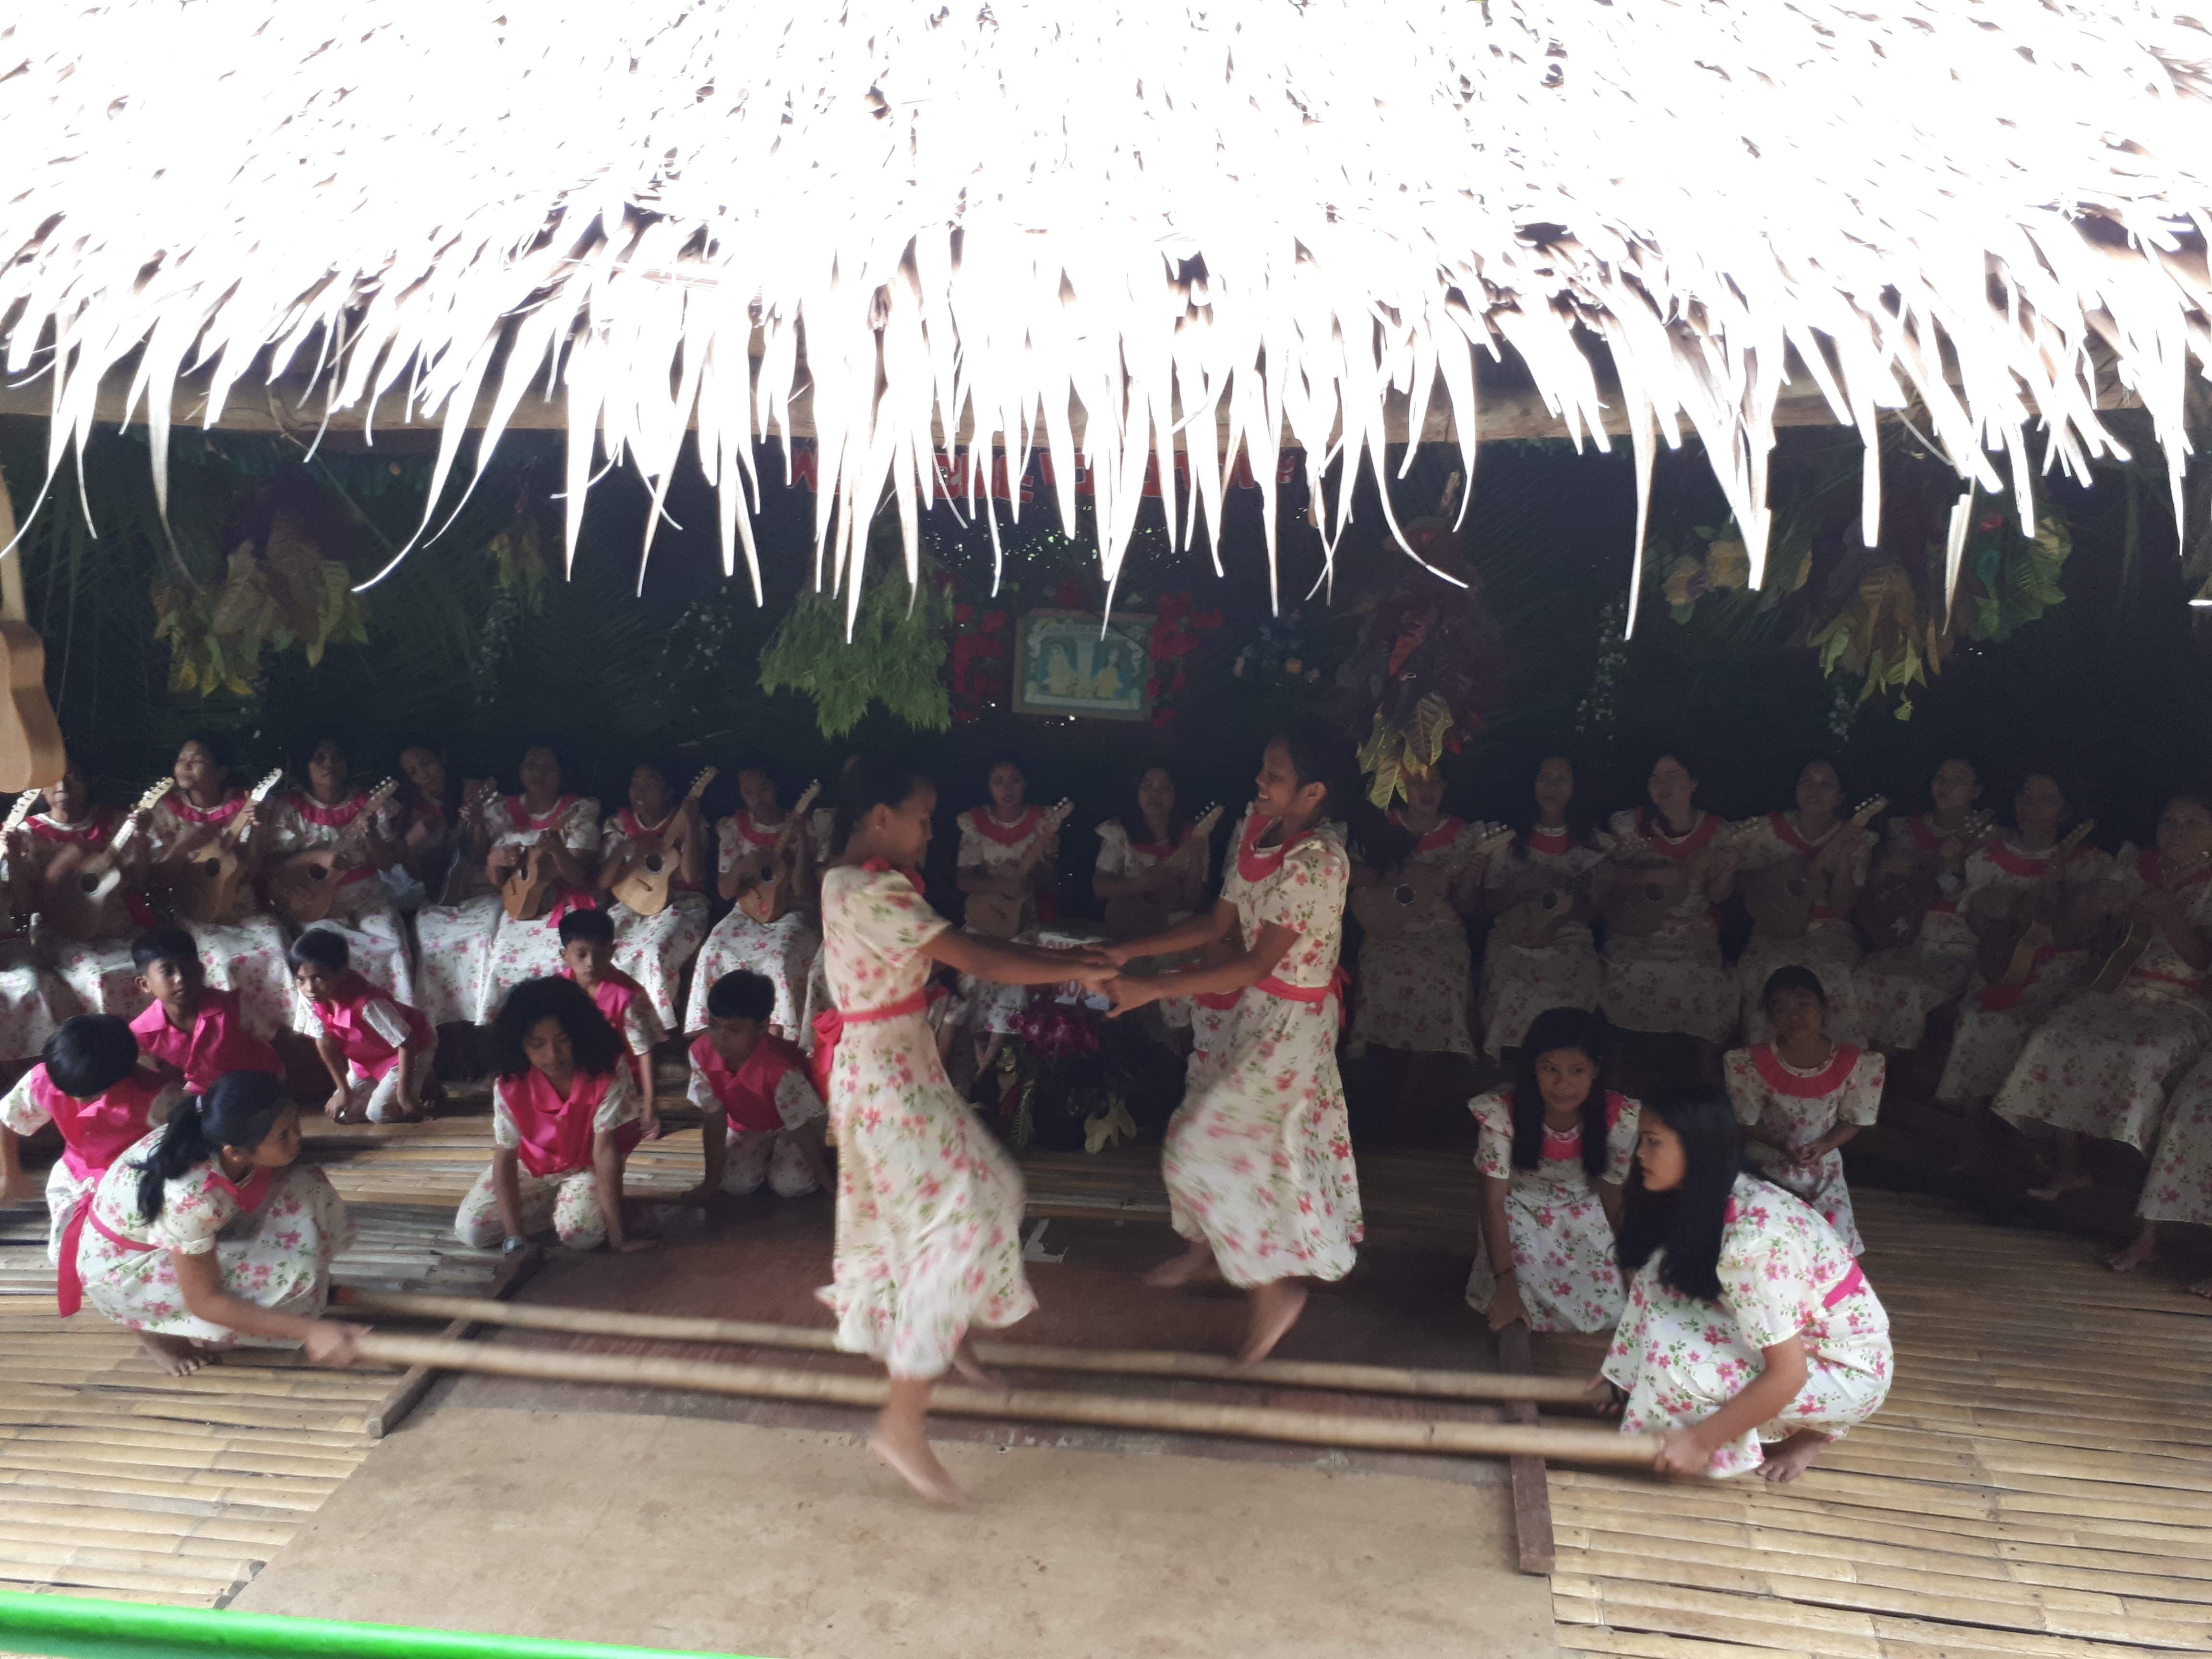 Danse traditionnelle aux abords de la rivière Loboc aux Philippines